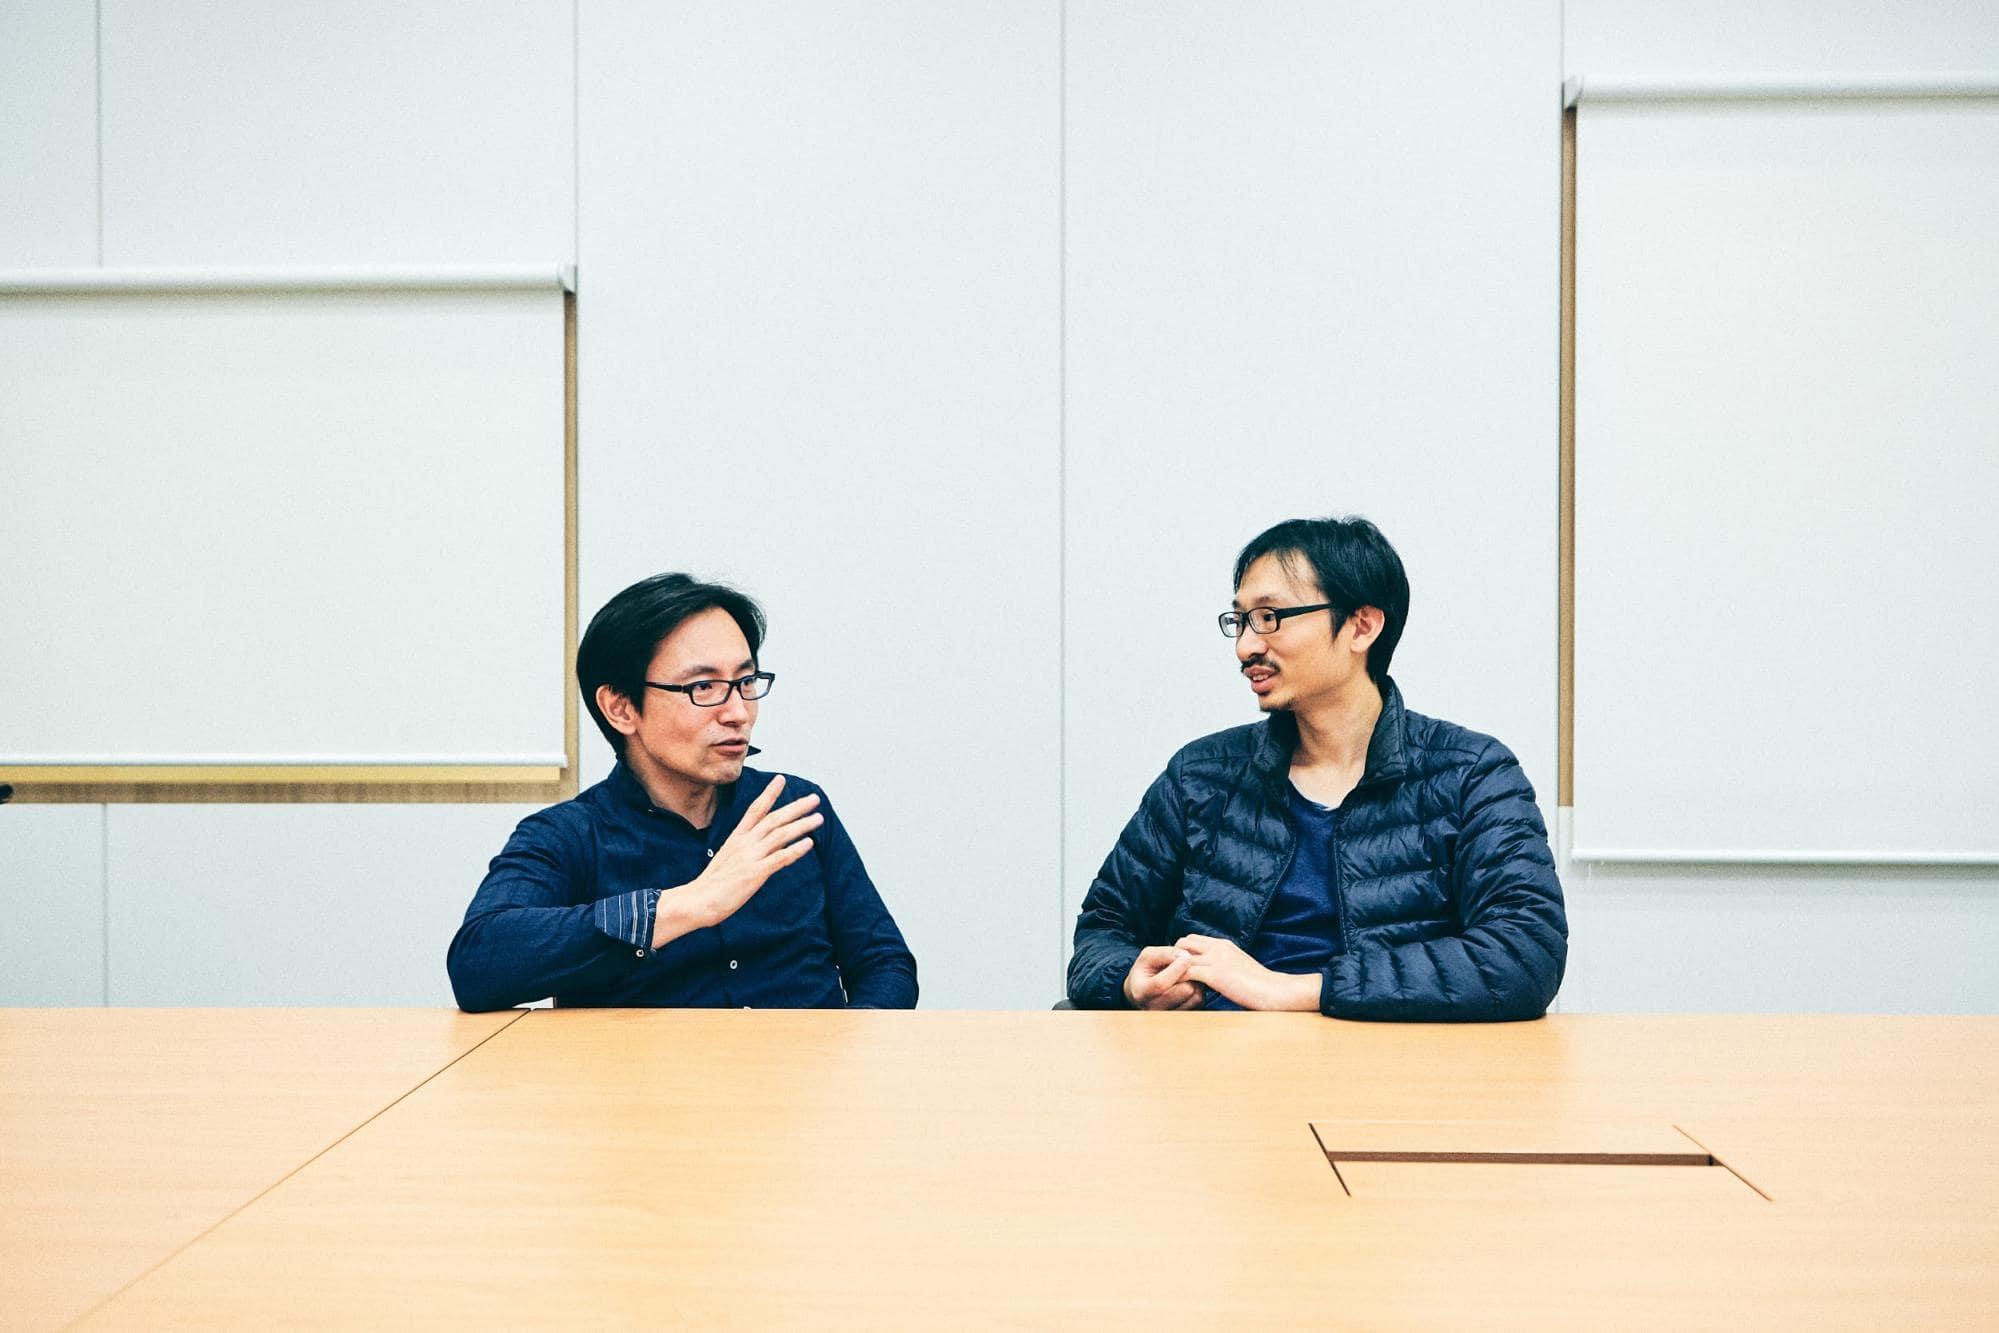 どこでもやれるなら起業する場所として日本を選ぶ